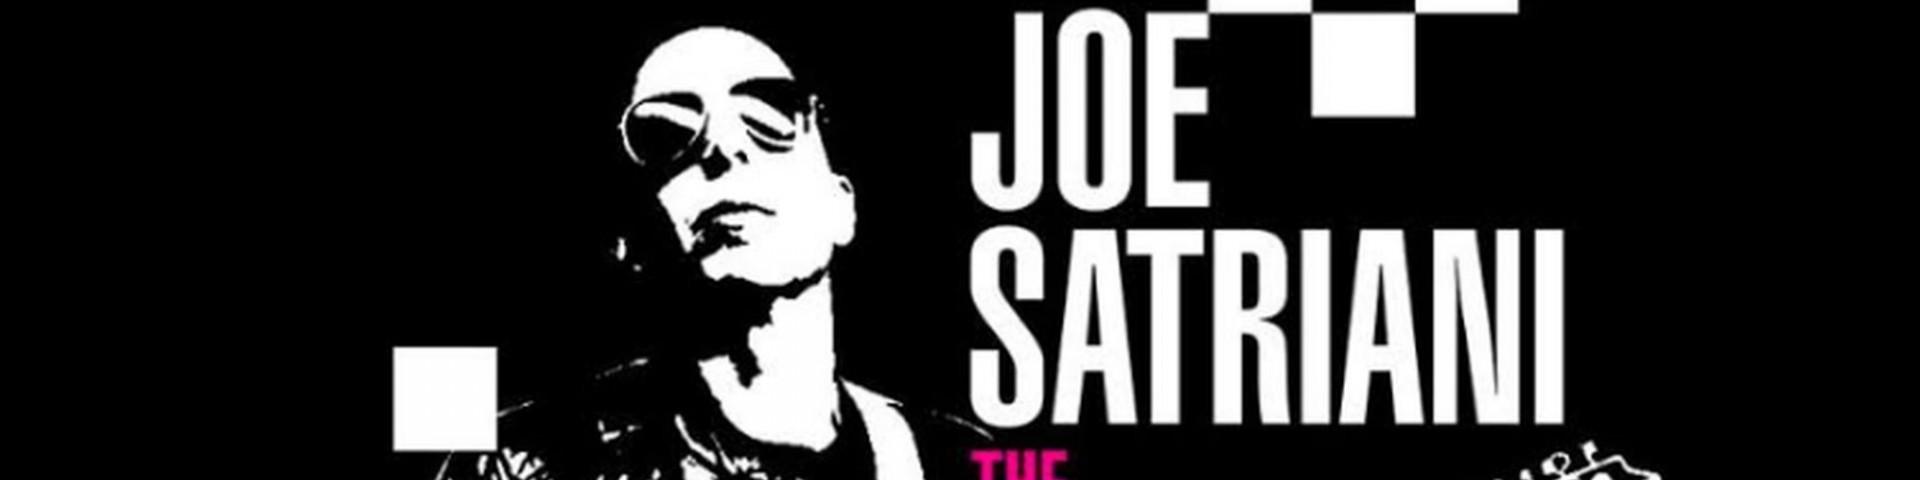 Joe Satriani torna in Italia nel 2020: come acquistare i biglietti